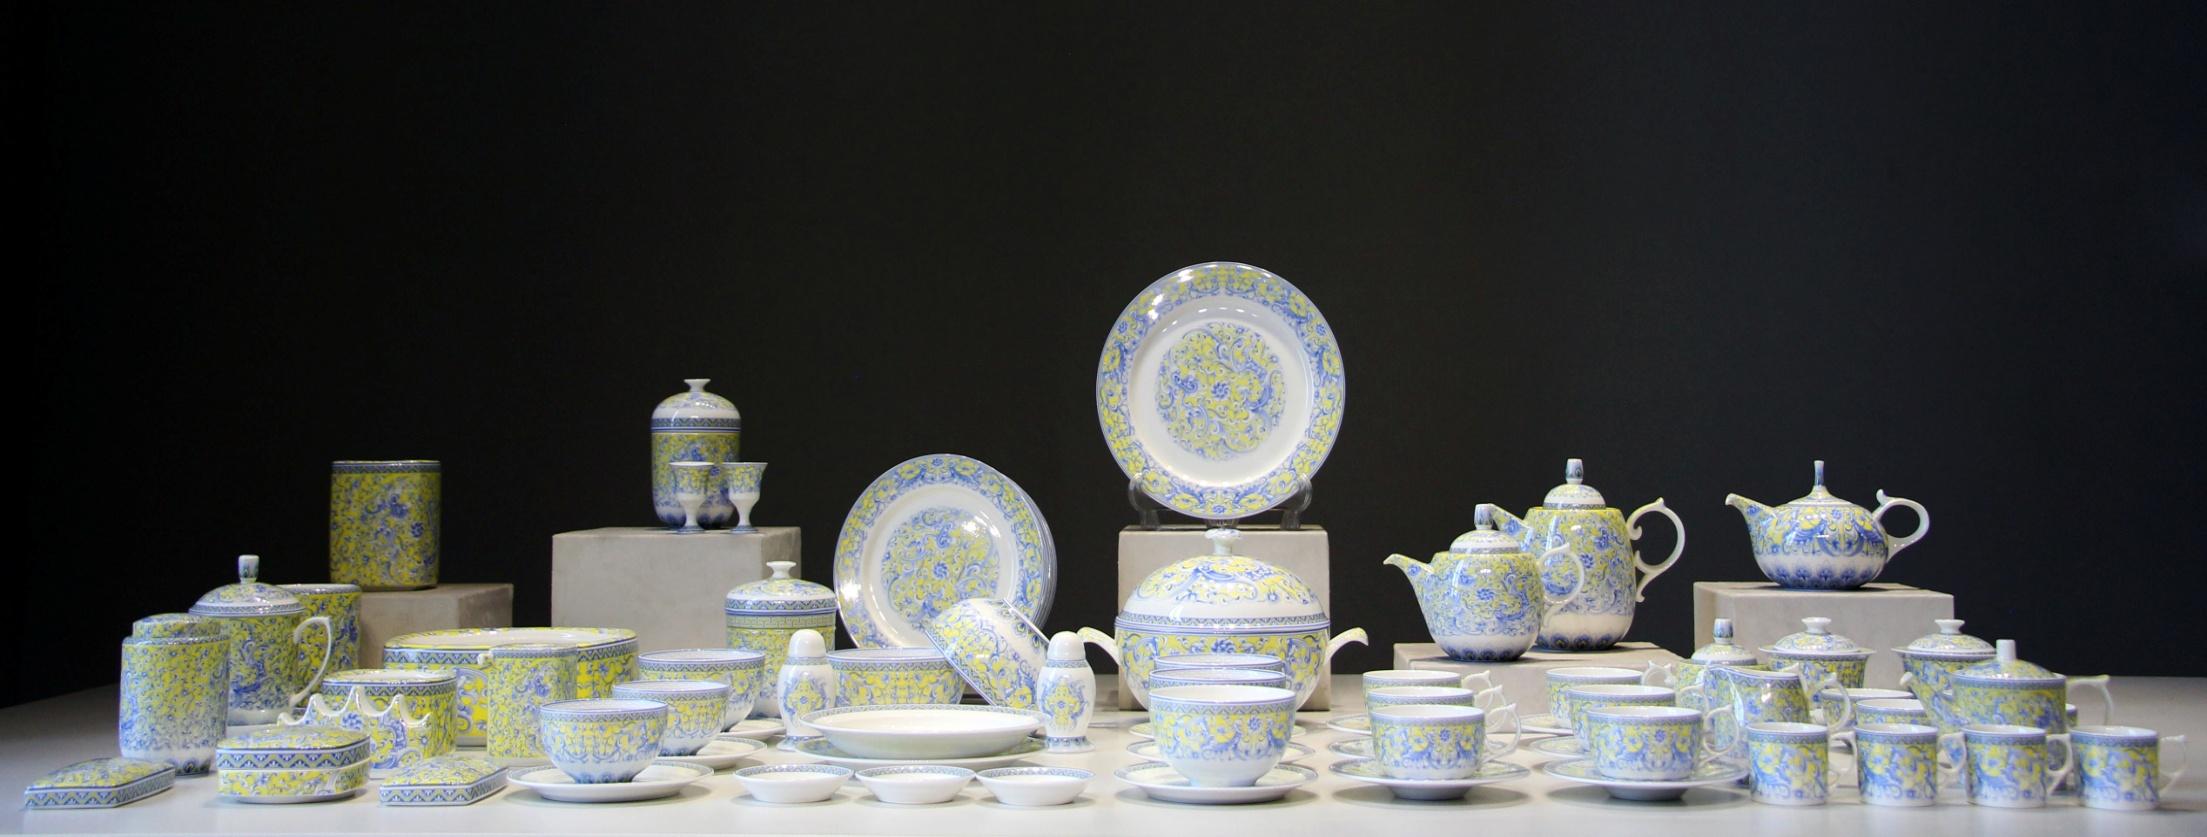 陶瓷餐具 中南海定制凤舞和鸣